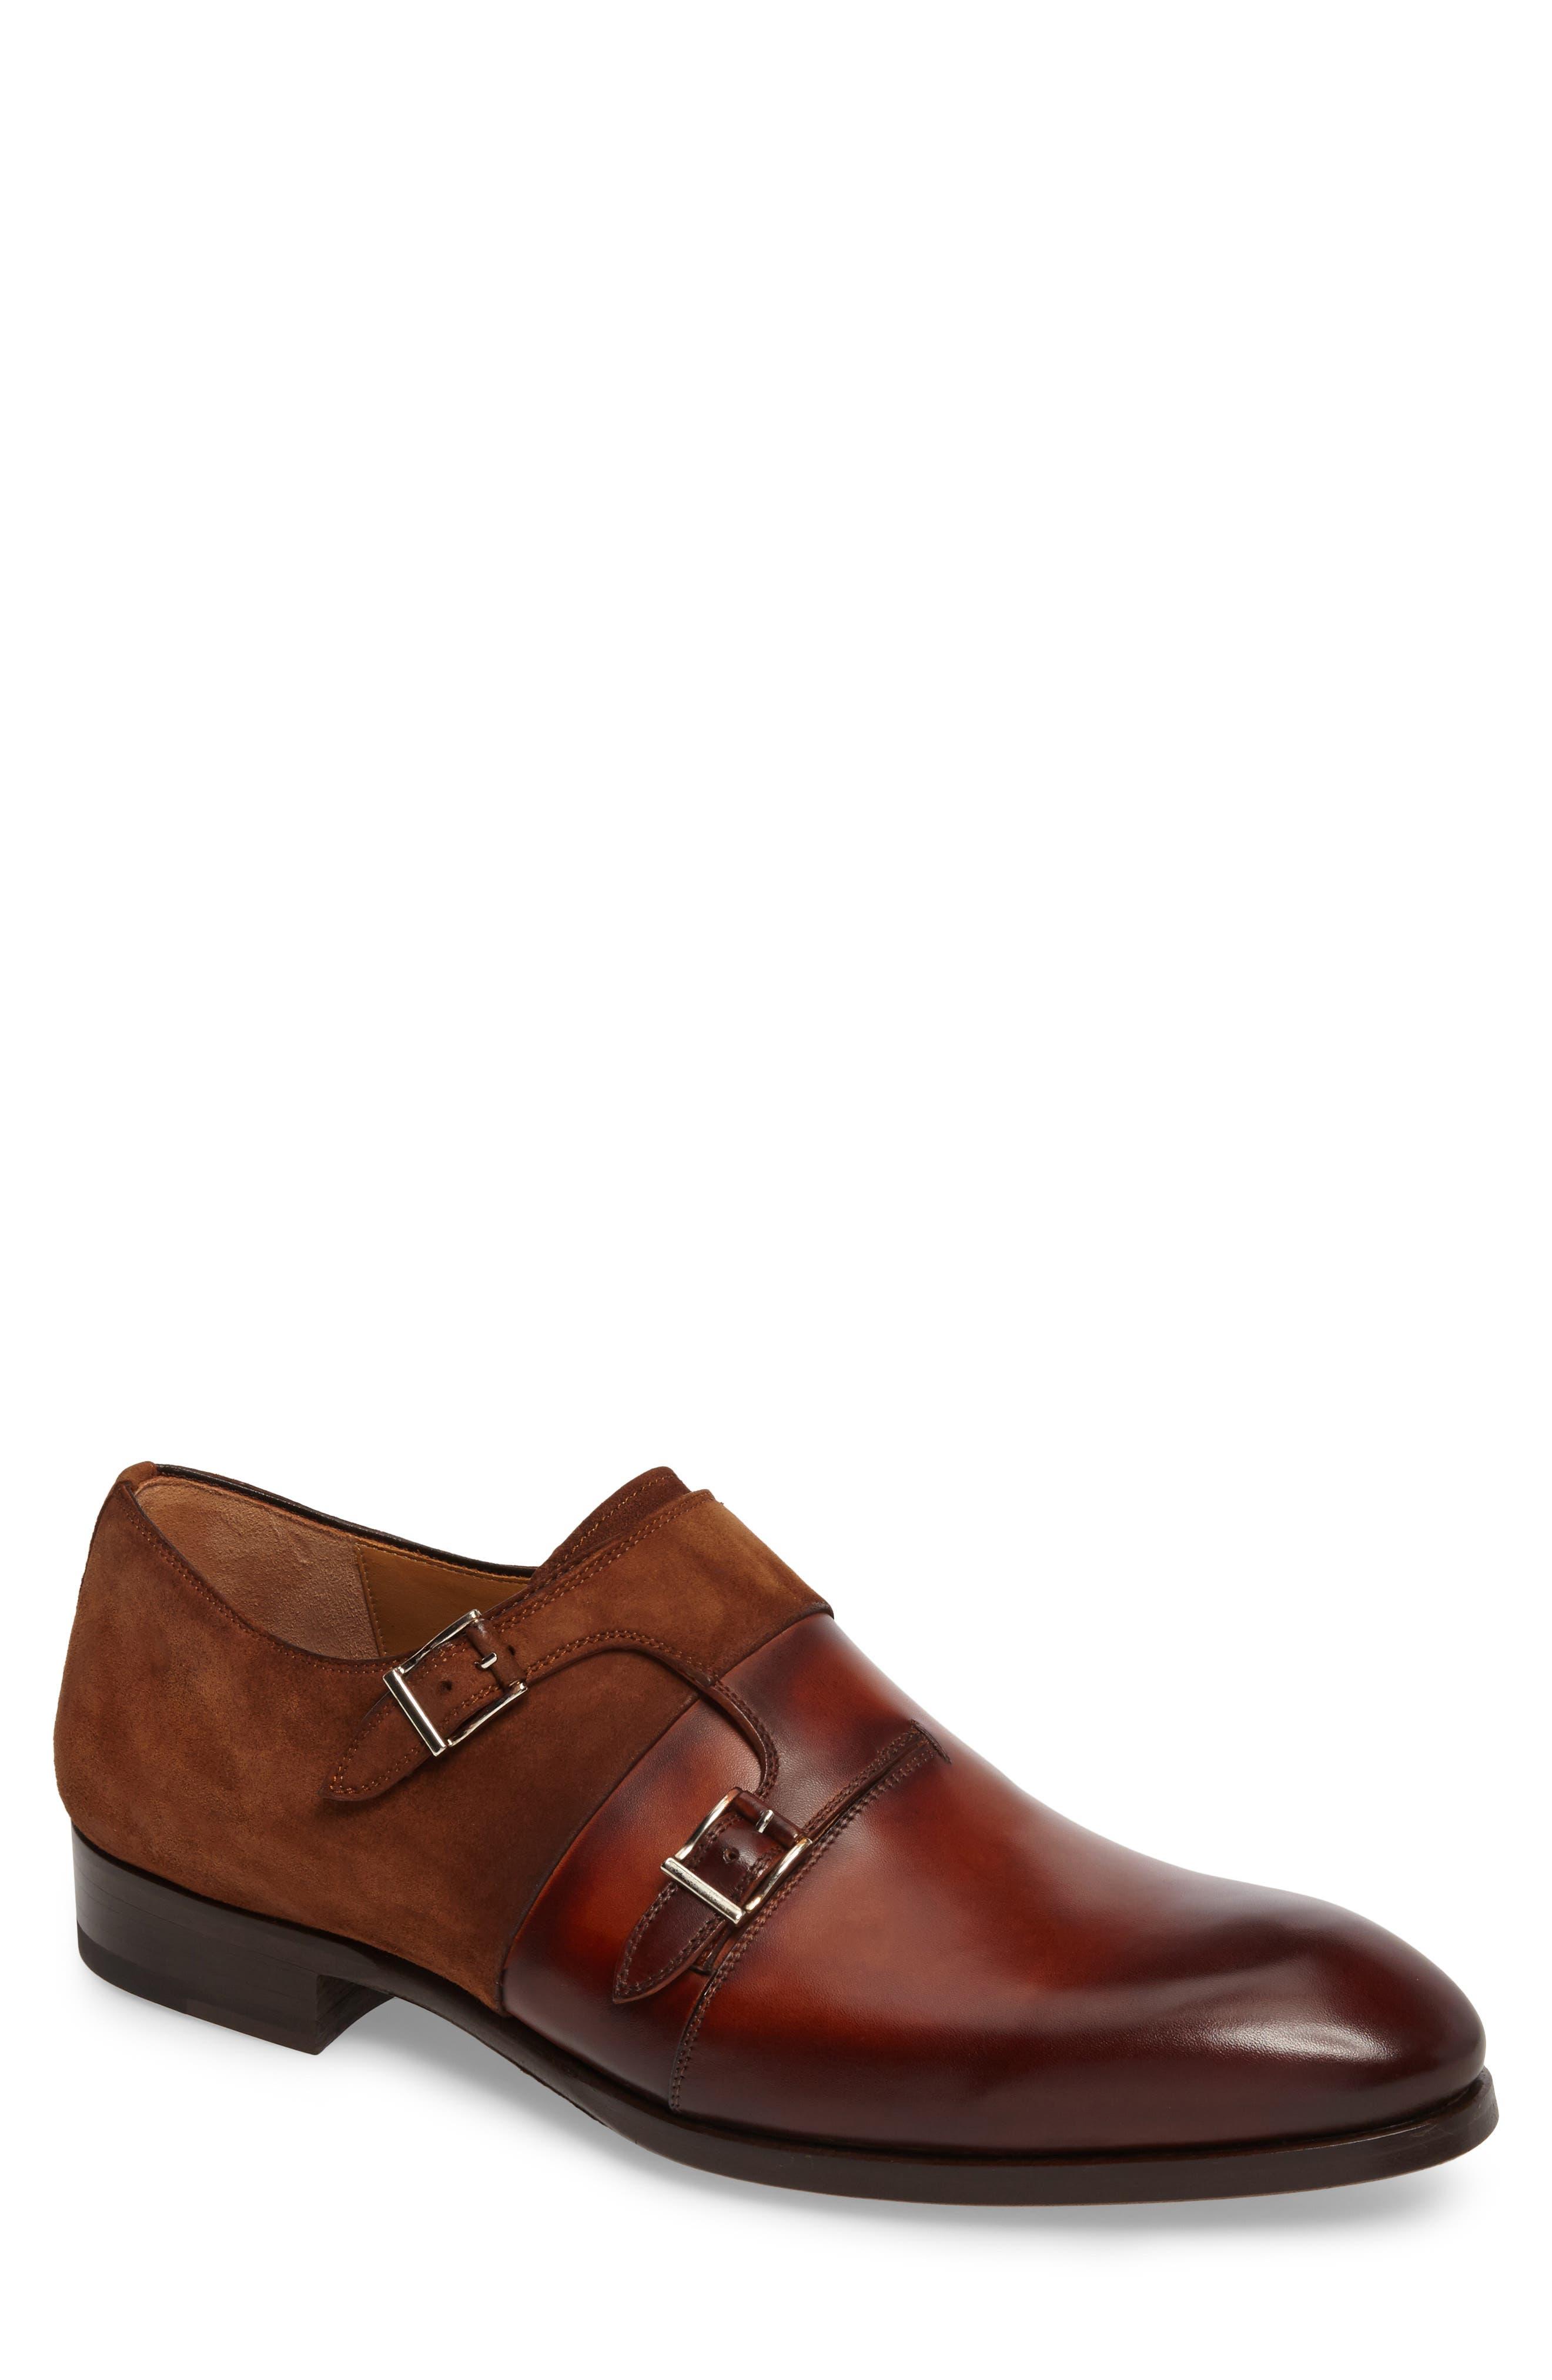 Orville Double Monk Strap Shoe,                         Main,                         color, 219